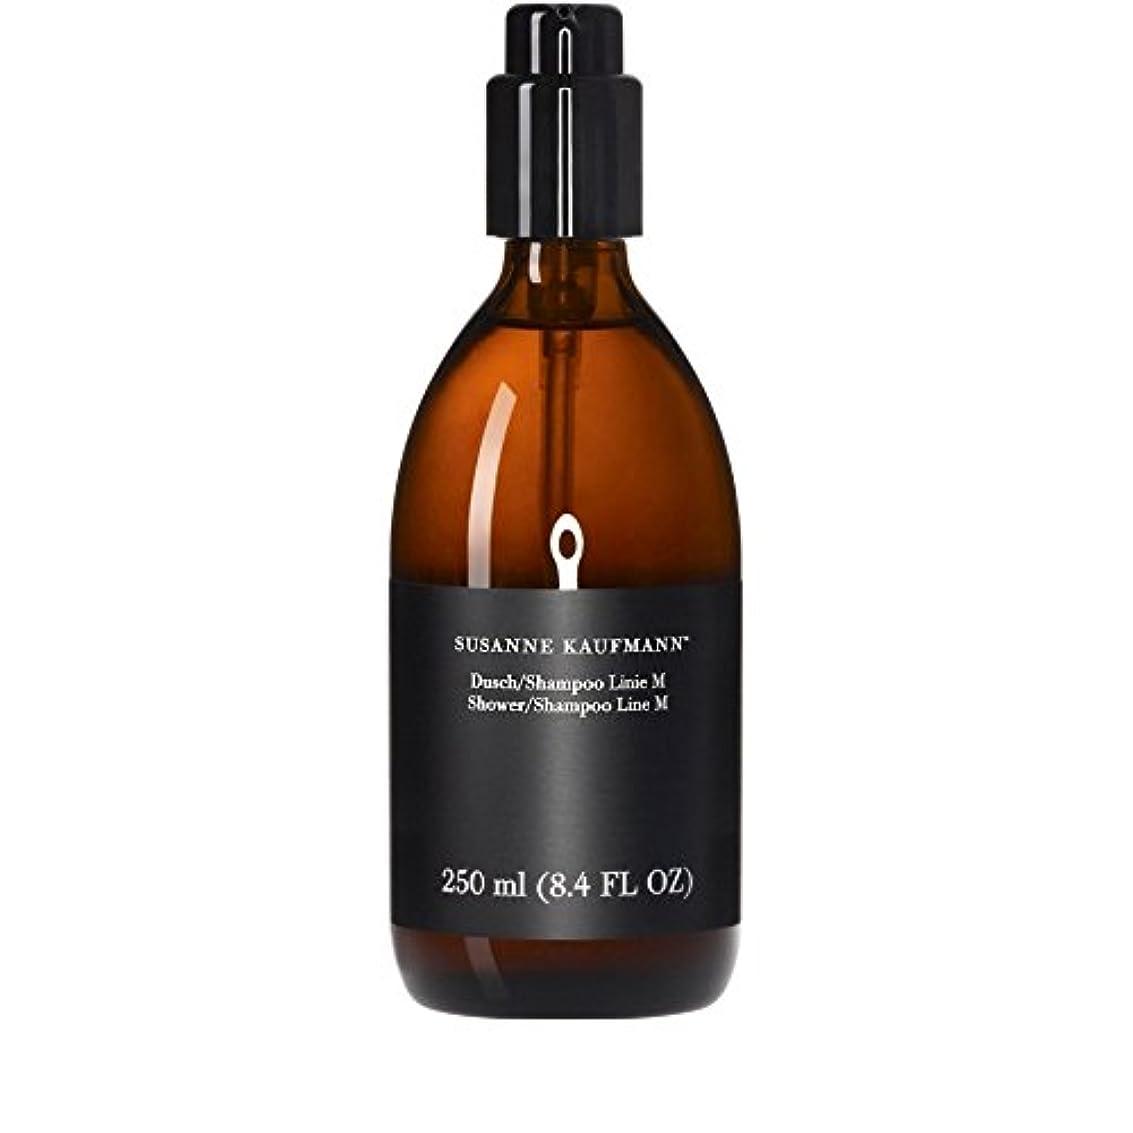 ペン合成かどうか男性のためのスザンヌカウフマンシャワー/シャンプー250ミリリットル x4 - Susanne Kaufmann Shower/Shampoo for Men 250ml (Pack of 4) [並行輸入品]